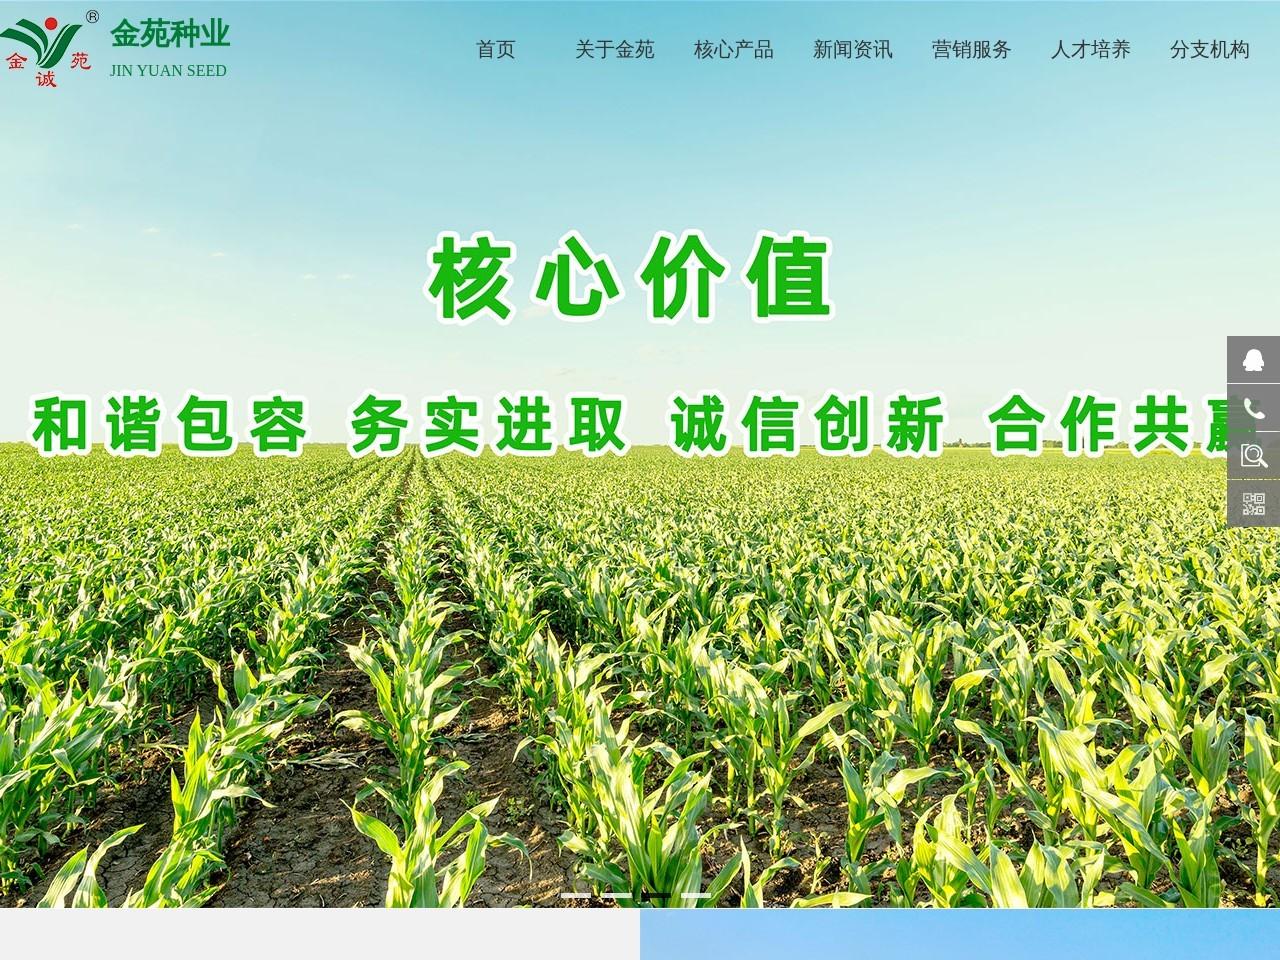 河南金苑种业股份有限公司的网站截图